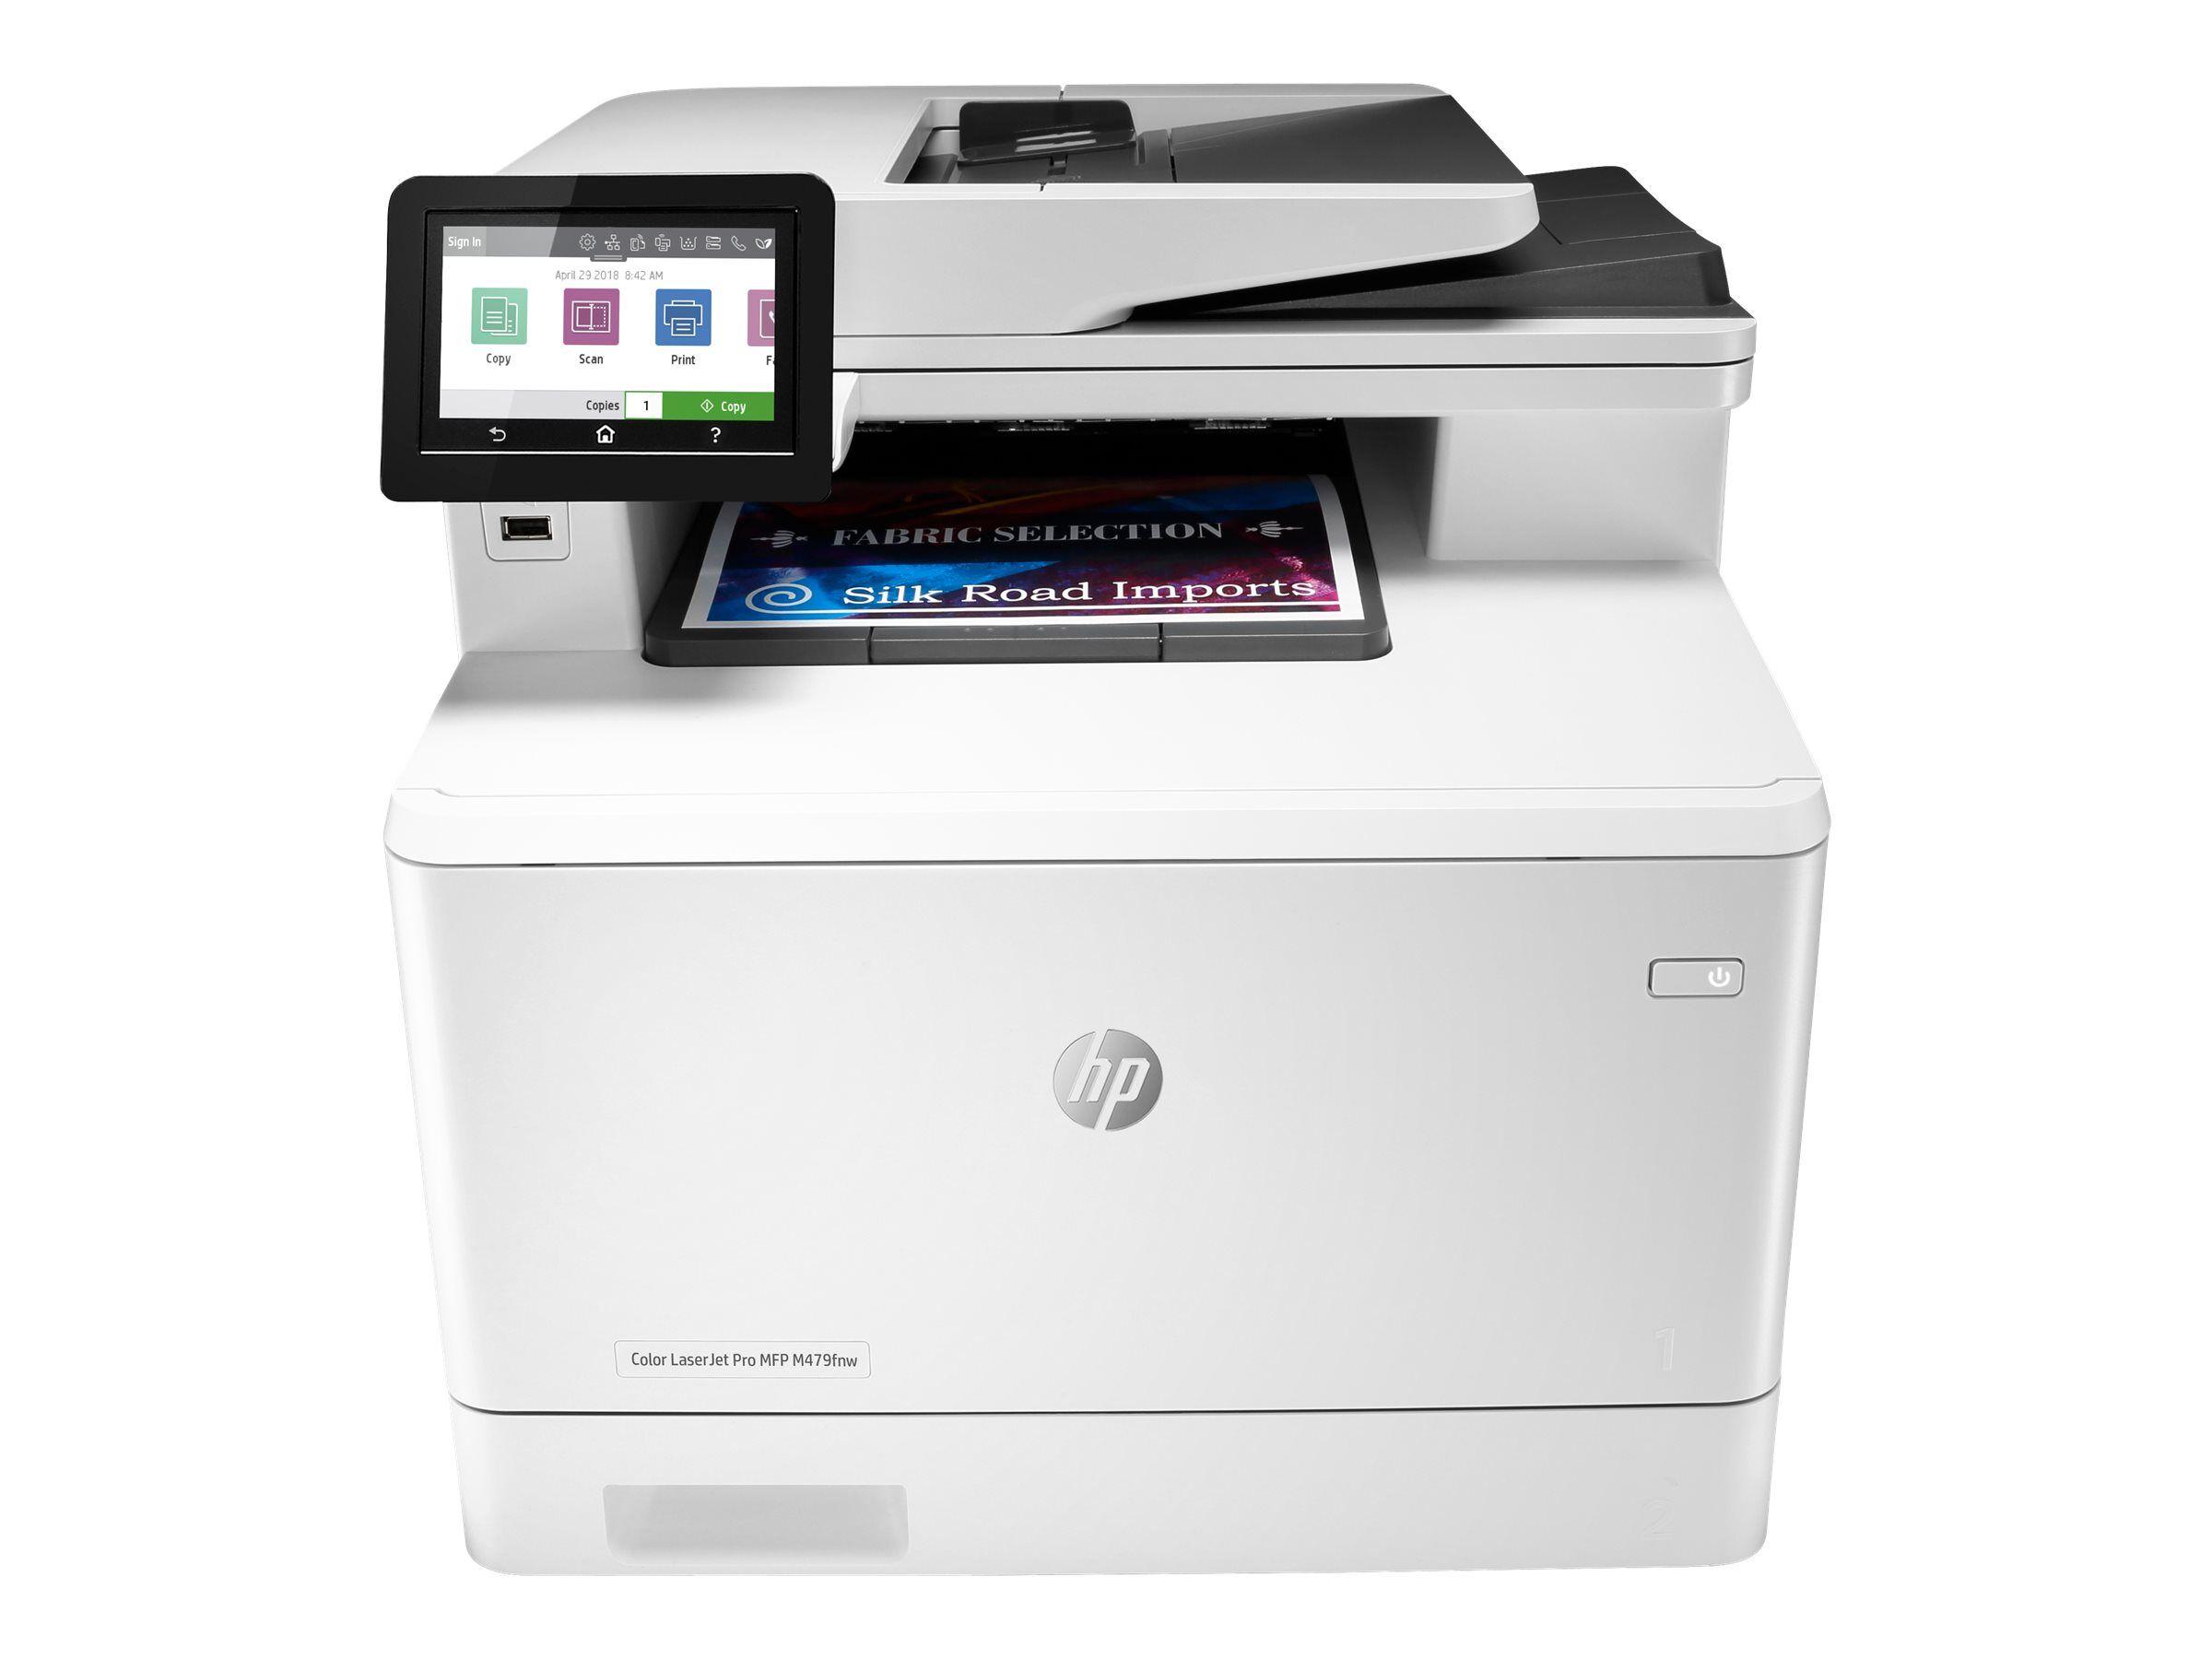 HP Color LaserJet Pro MFP M479fnw - Imprimante multifonctions - couleur - laser - Legal (216 x 356 mm) (original) - A4/Legal (support) - jusqu'à 27 ppm (copie) - jusqu'à 27 ppm (impression) - 300 feuilles - 33.6 Kbits/s - USB 2.0, LAN, Wi-Fi(n), h